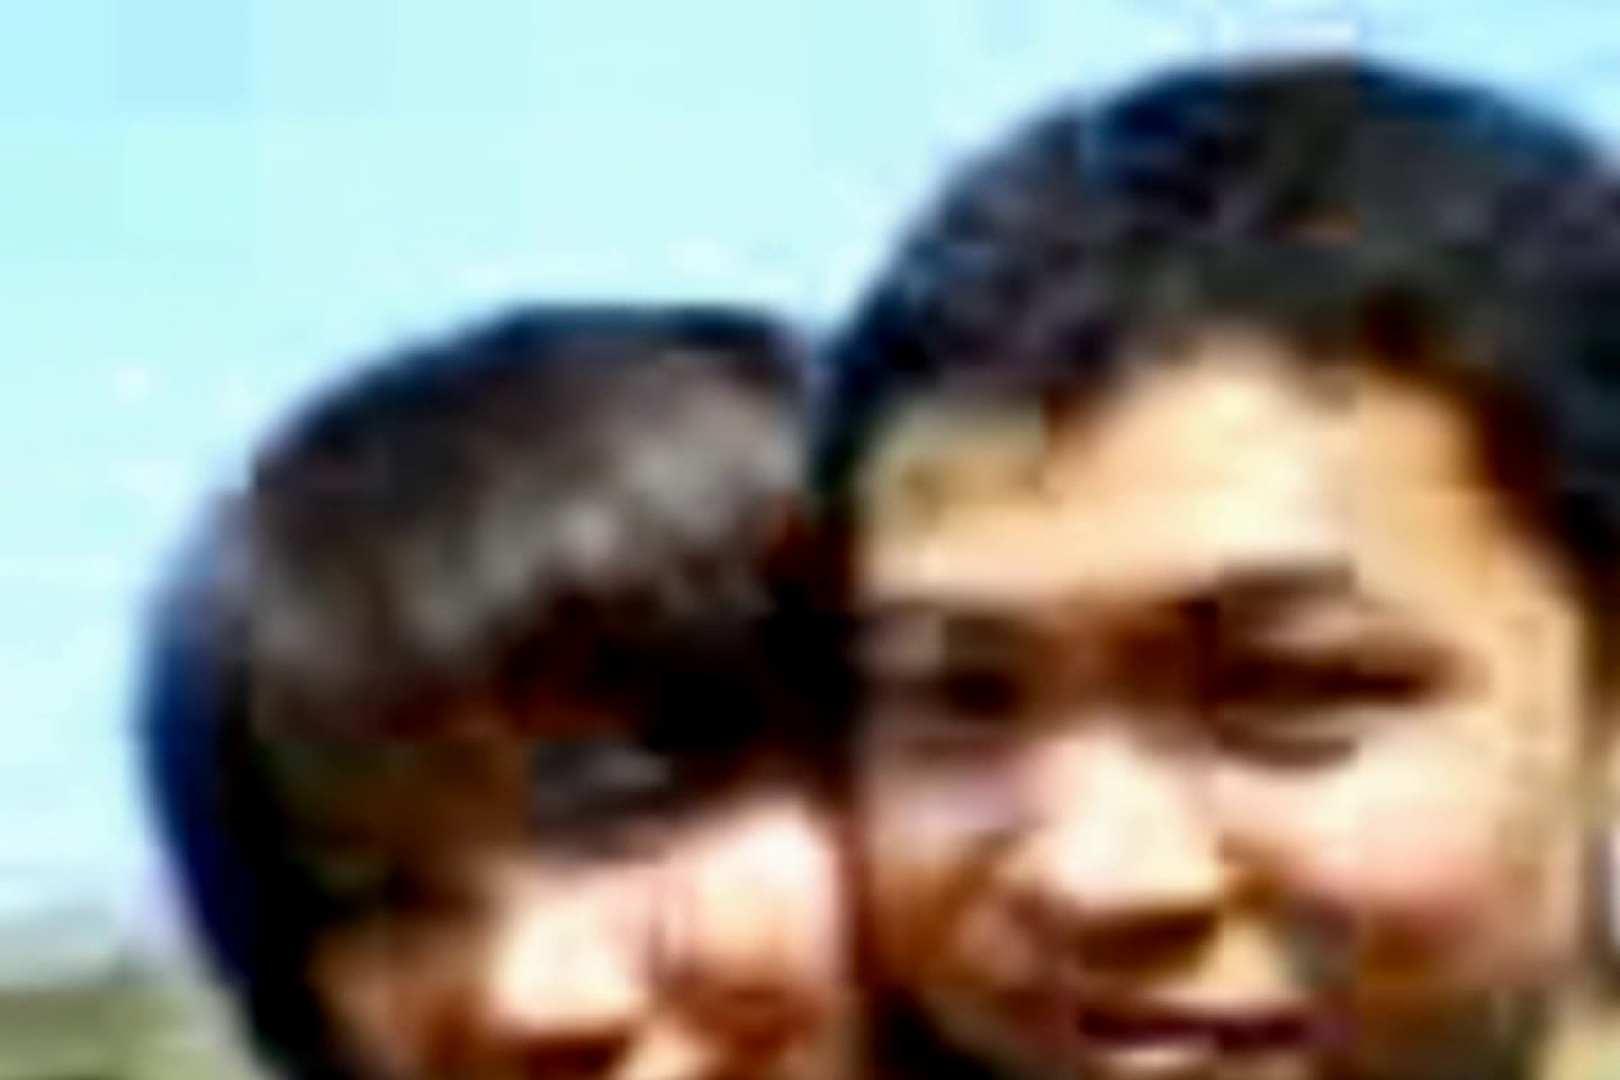 ウイルス流出 串田良祐と小学校教諭のハメ撮りアルバム 卑猥  101pic 10